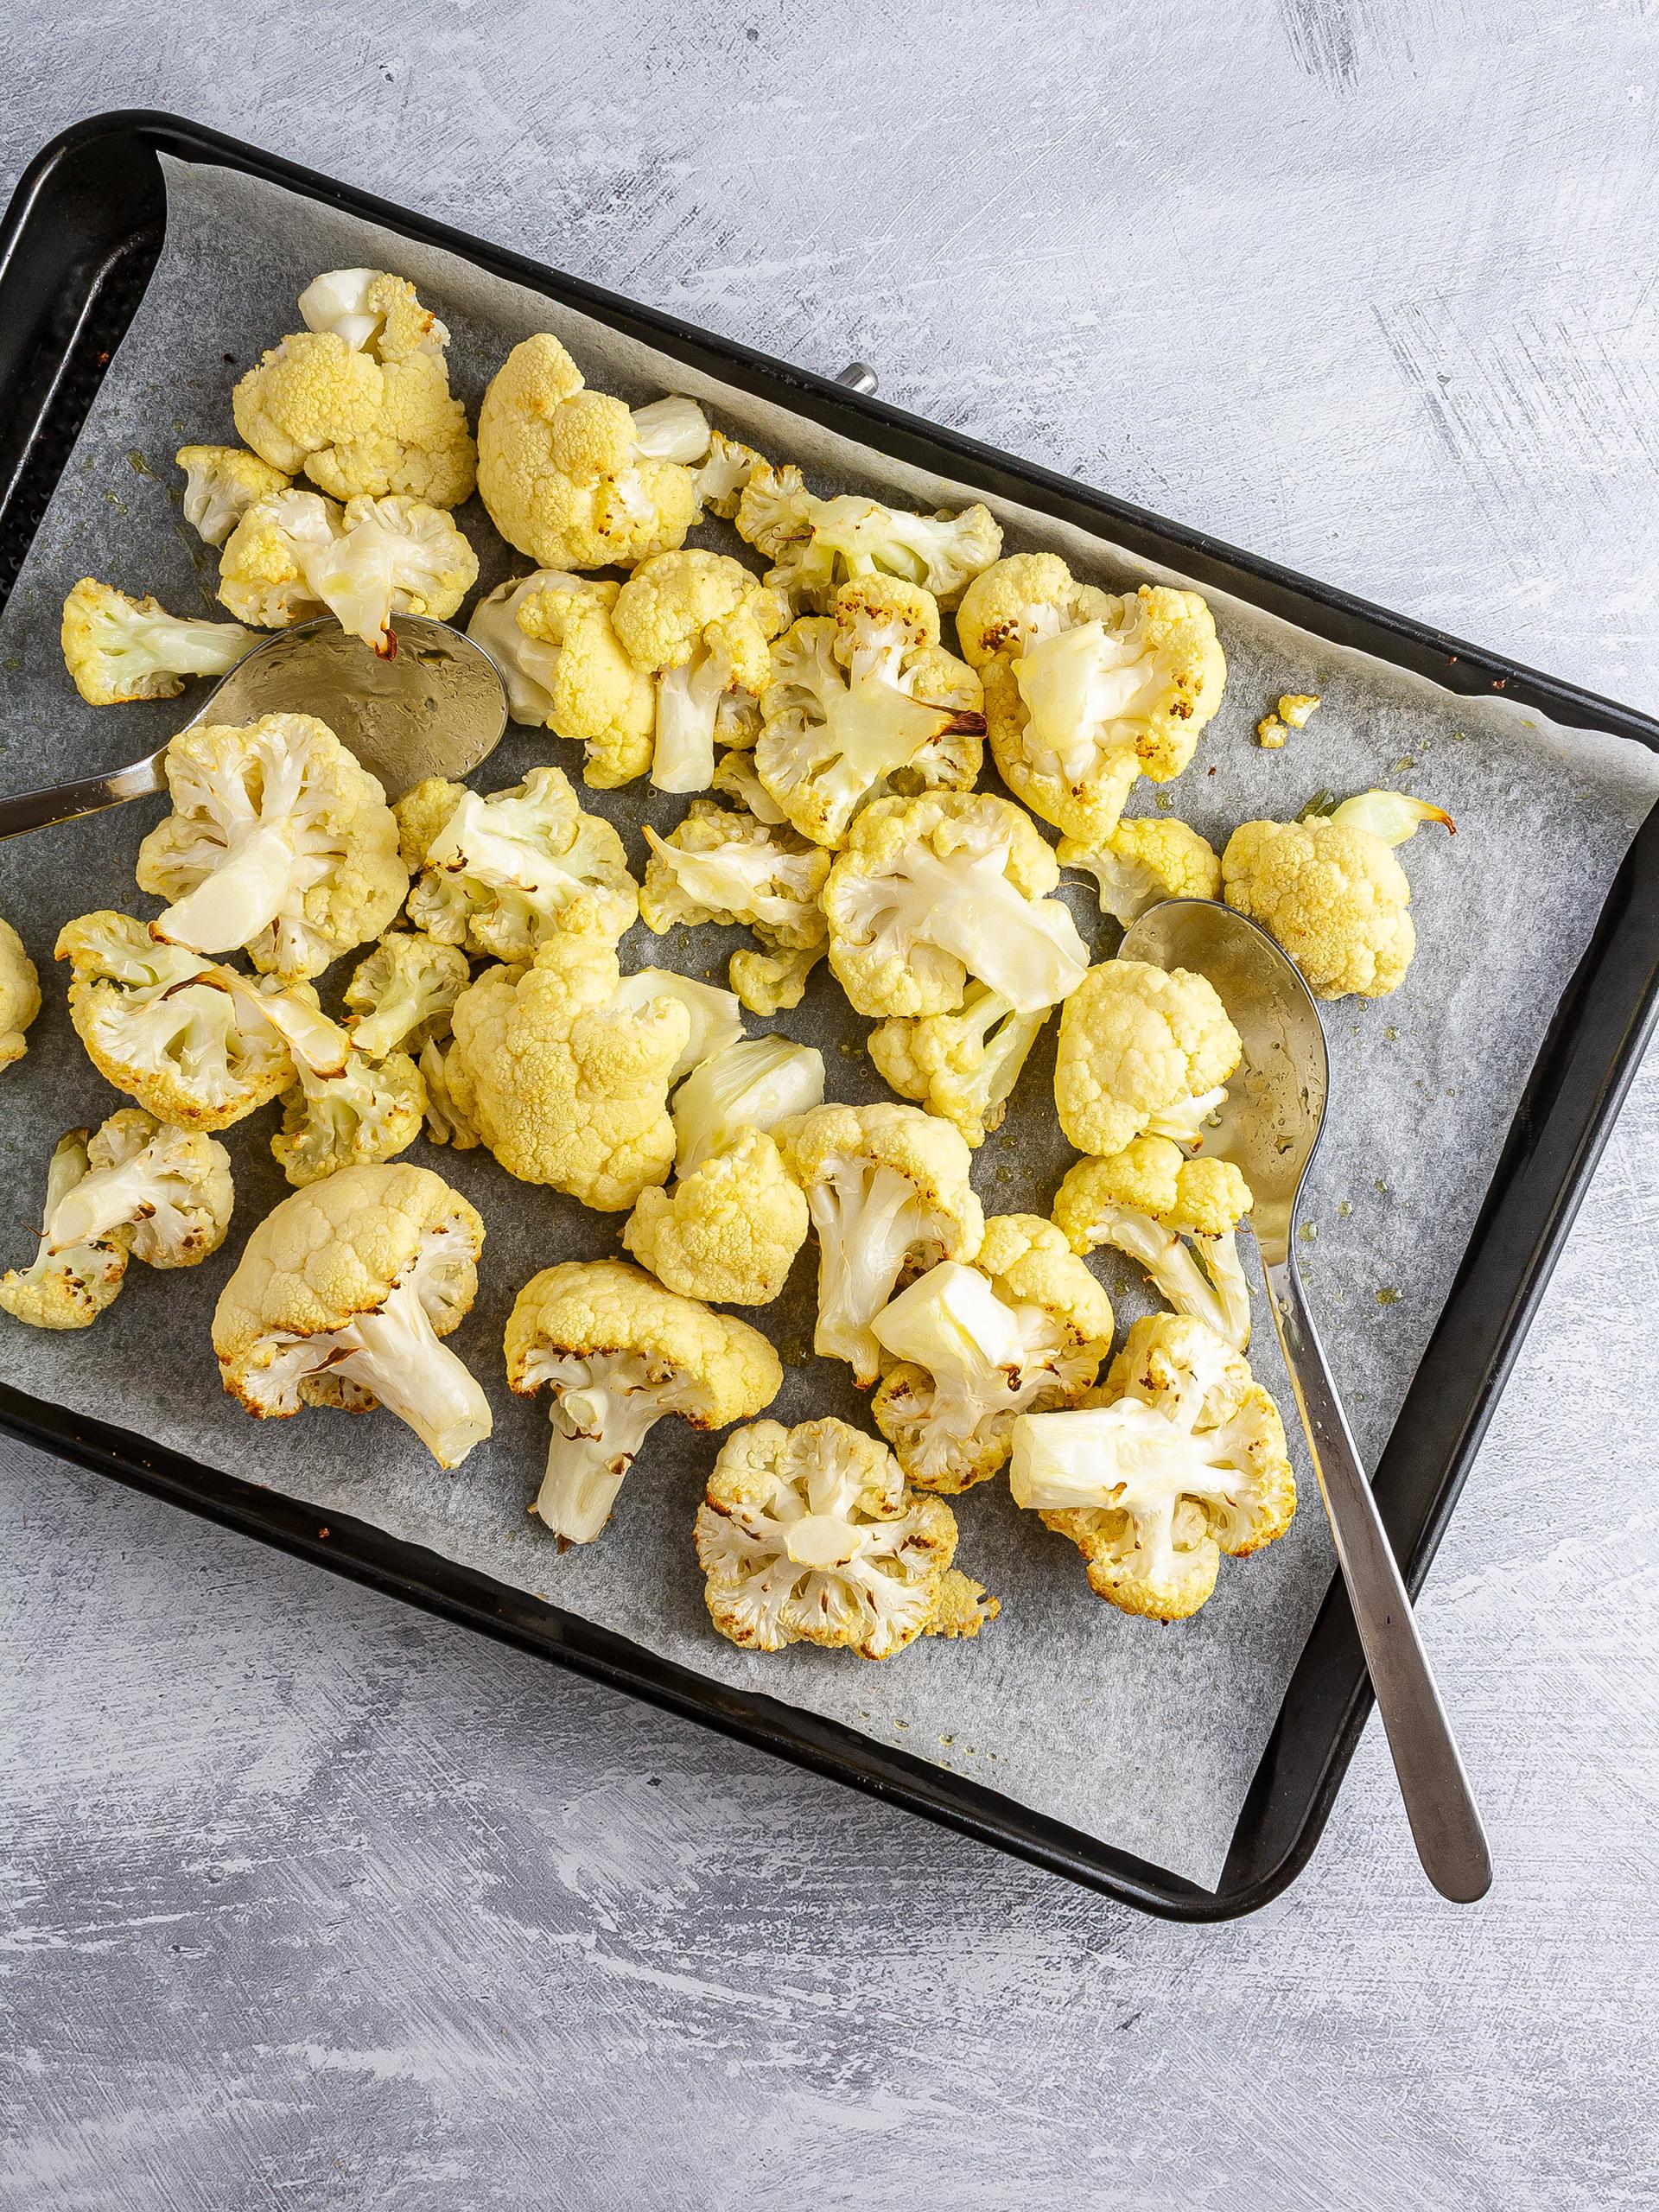 Roasted cauliflowers